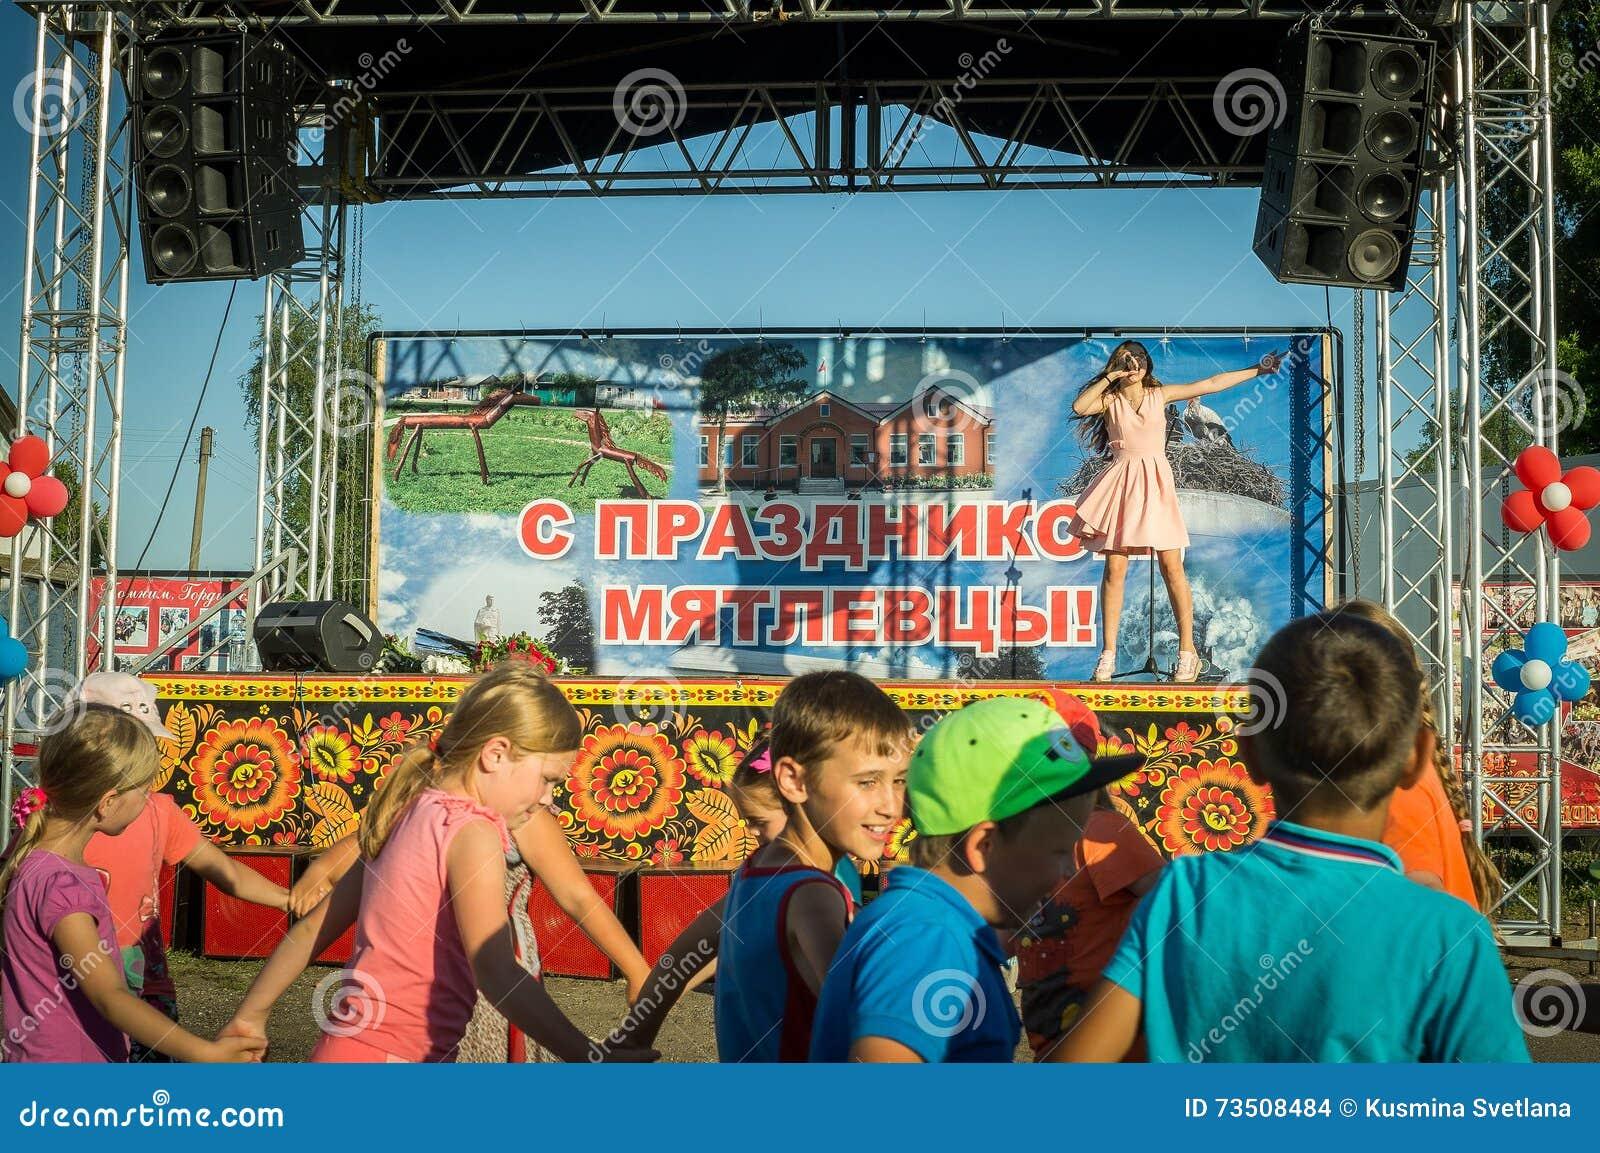 La prestazione di giovane cantante Sony Lapshakova in occasione del giorno della gioventù nella regione di Kaluga in Russia il 27